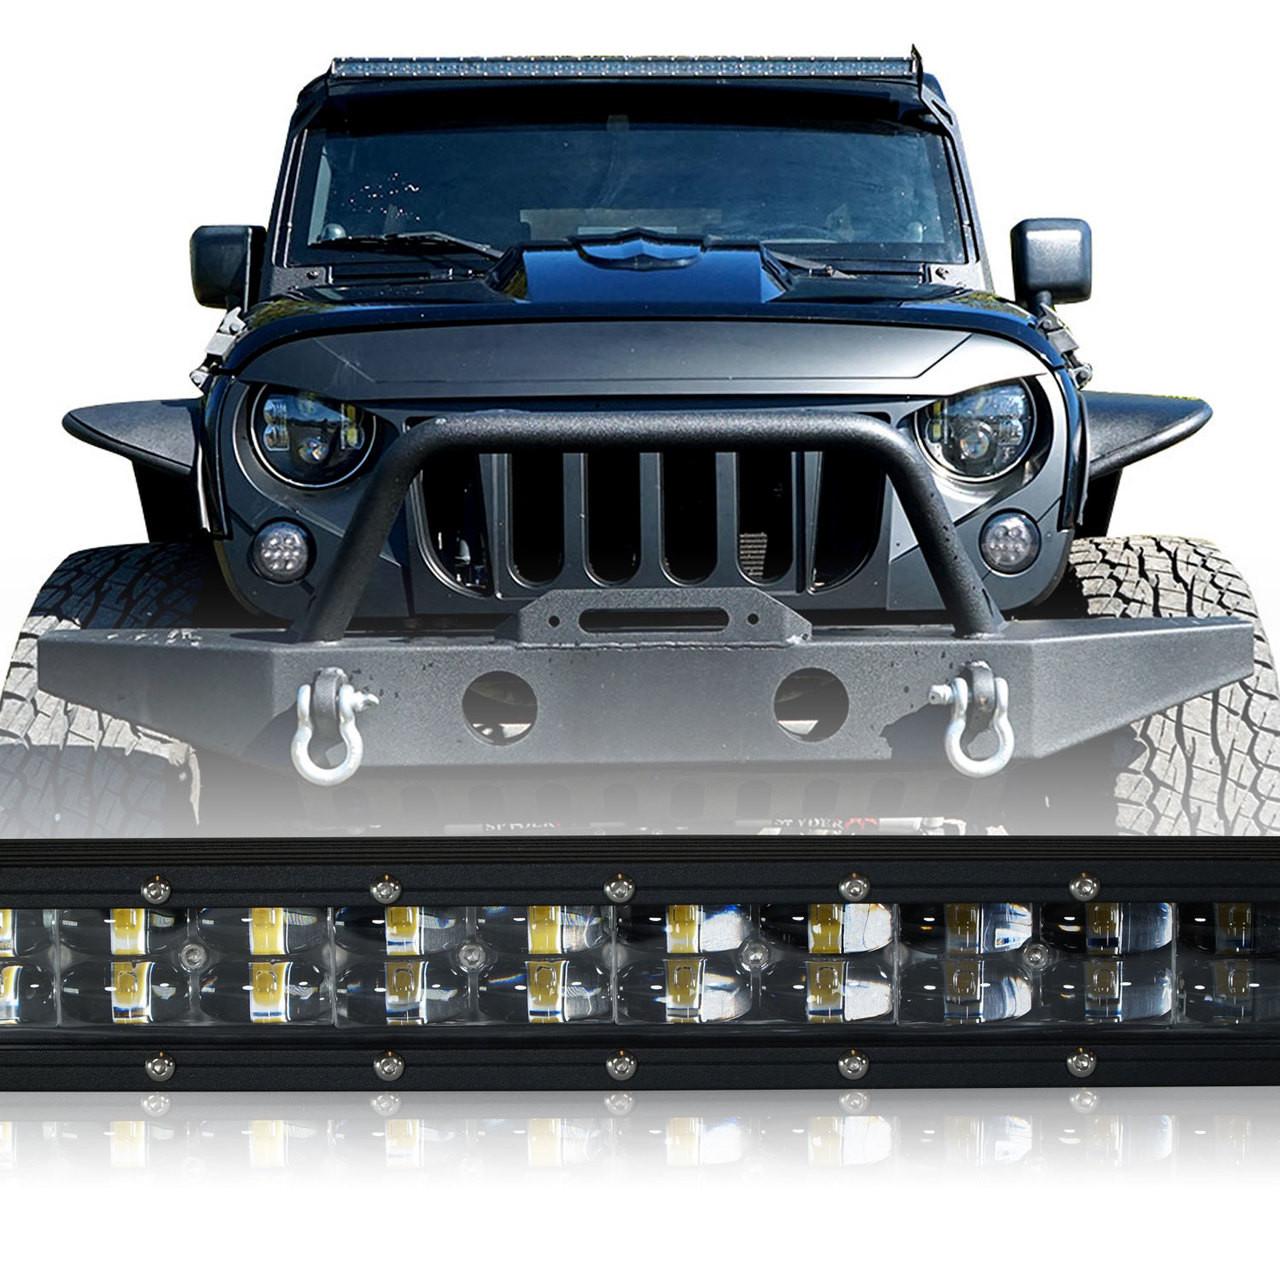 LED Light Bar 288W 50 Inches Bracket Wiring Harness Kit for Wrangler ...